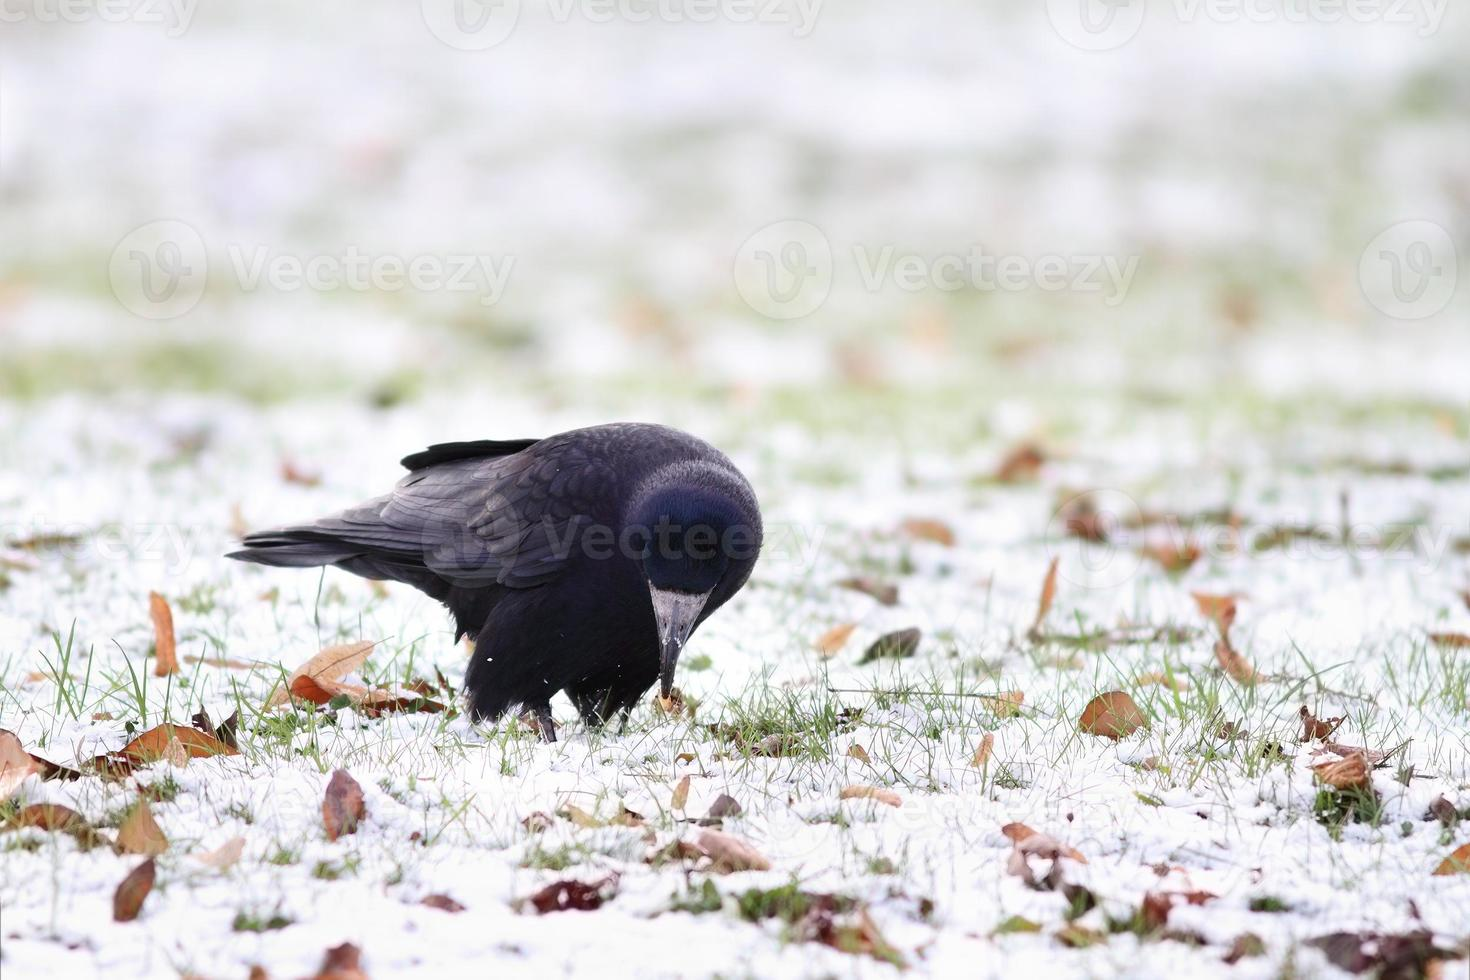 corvo negro forrageando em um dia de inverno foto